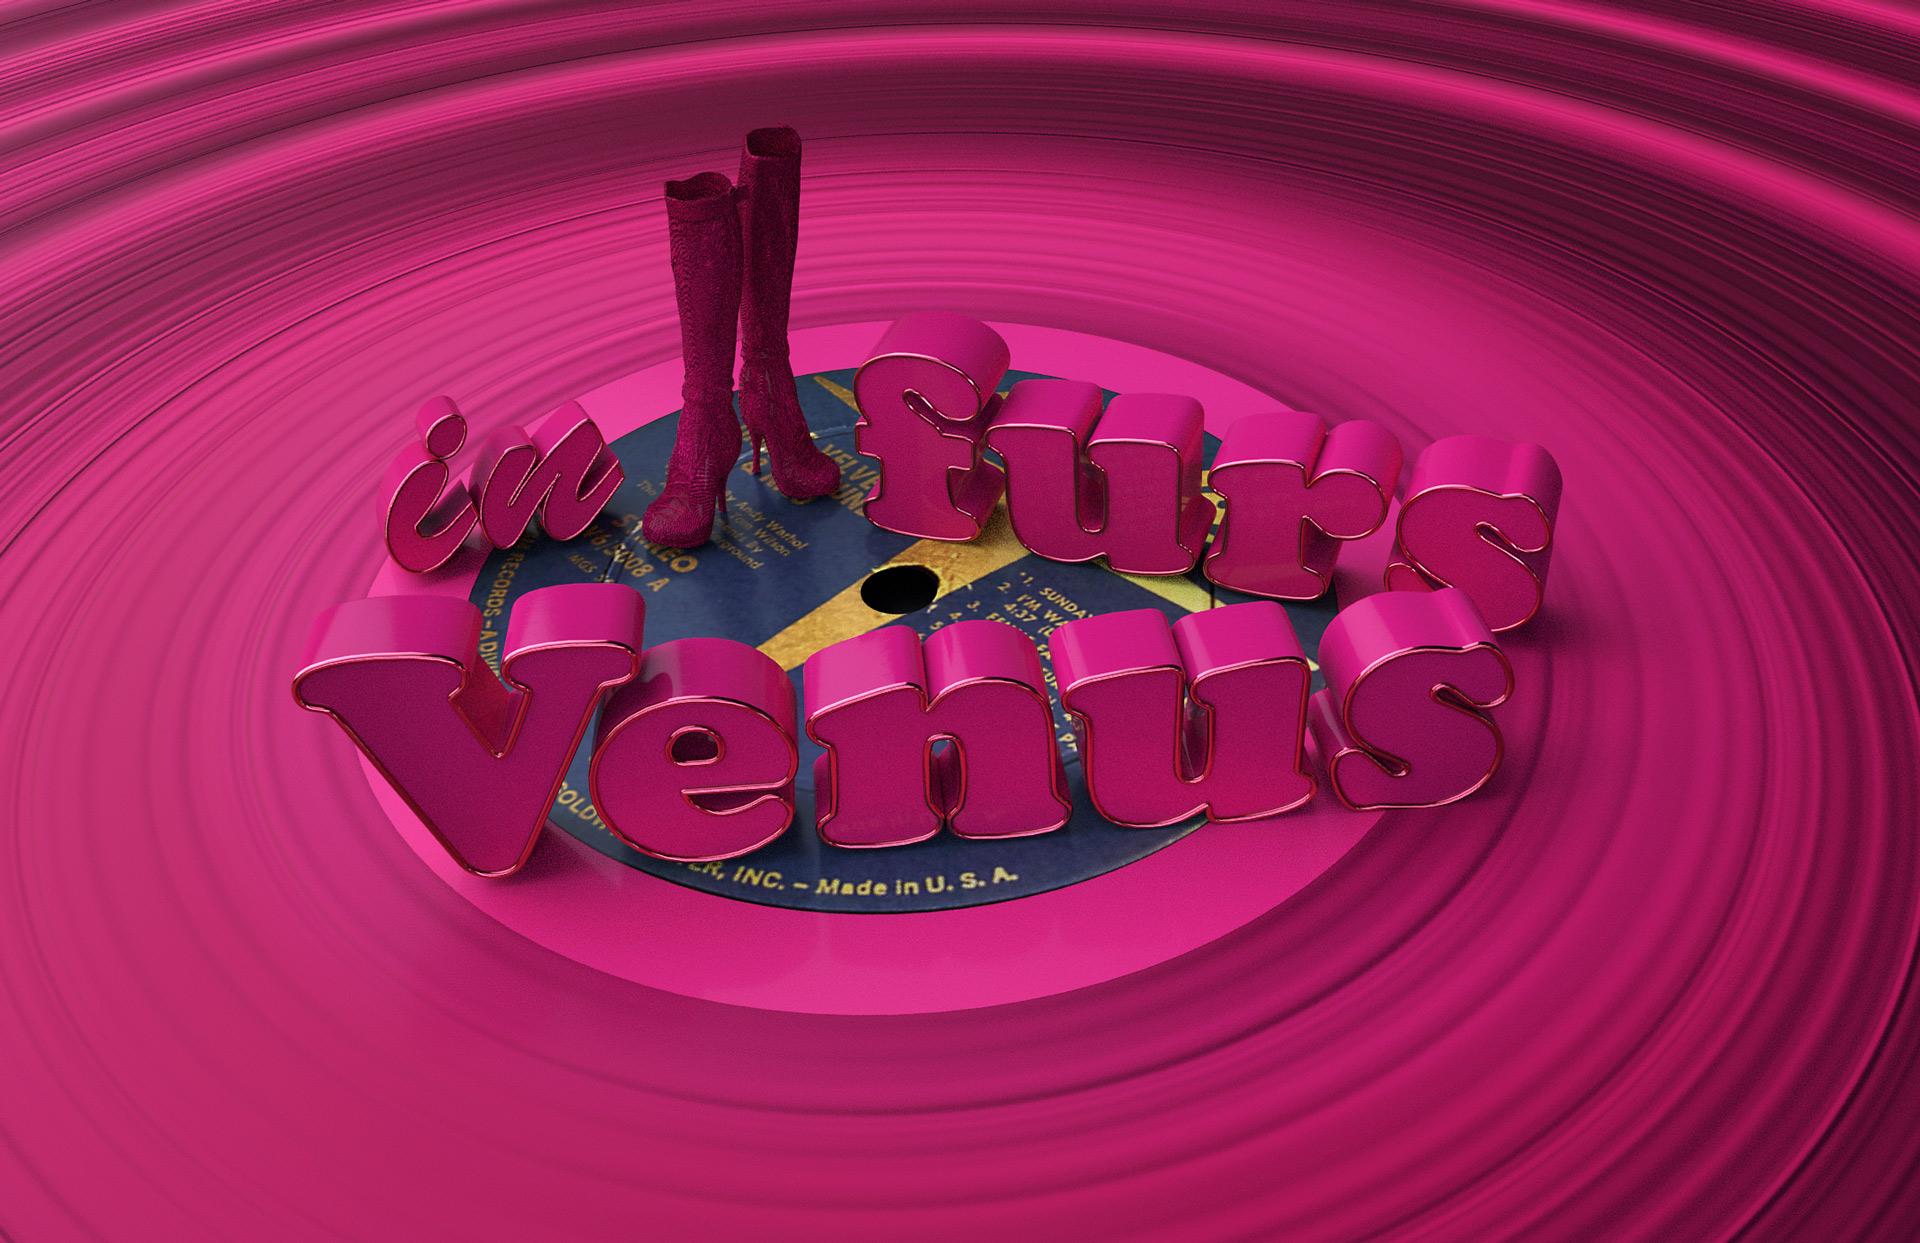 Type_and_Songs_Venus_in_furs_Ivan_Ardura